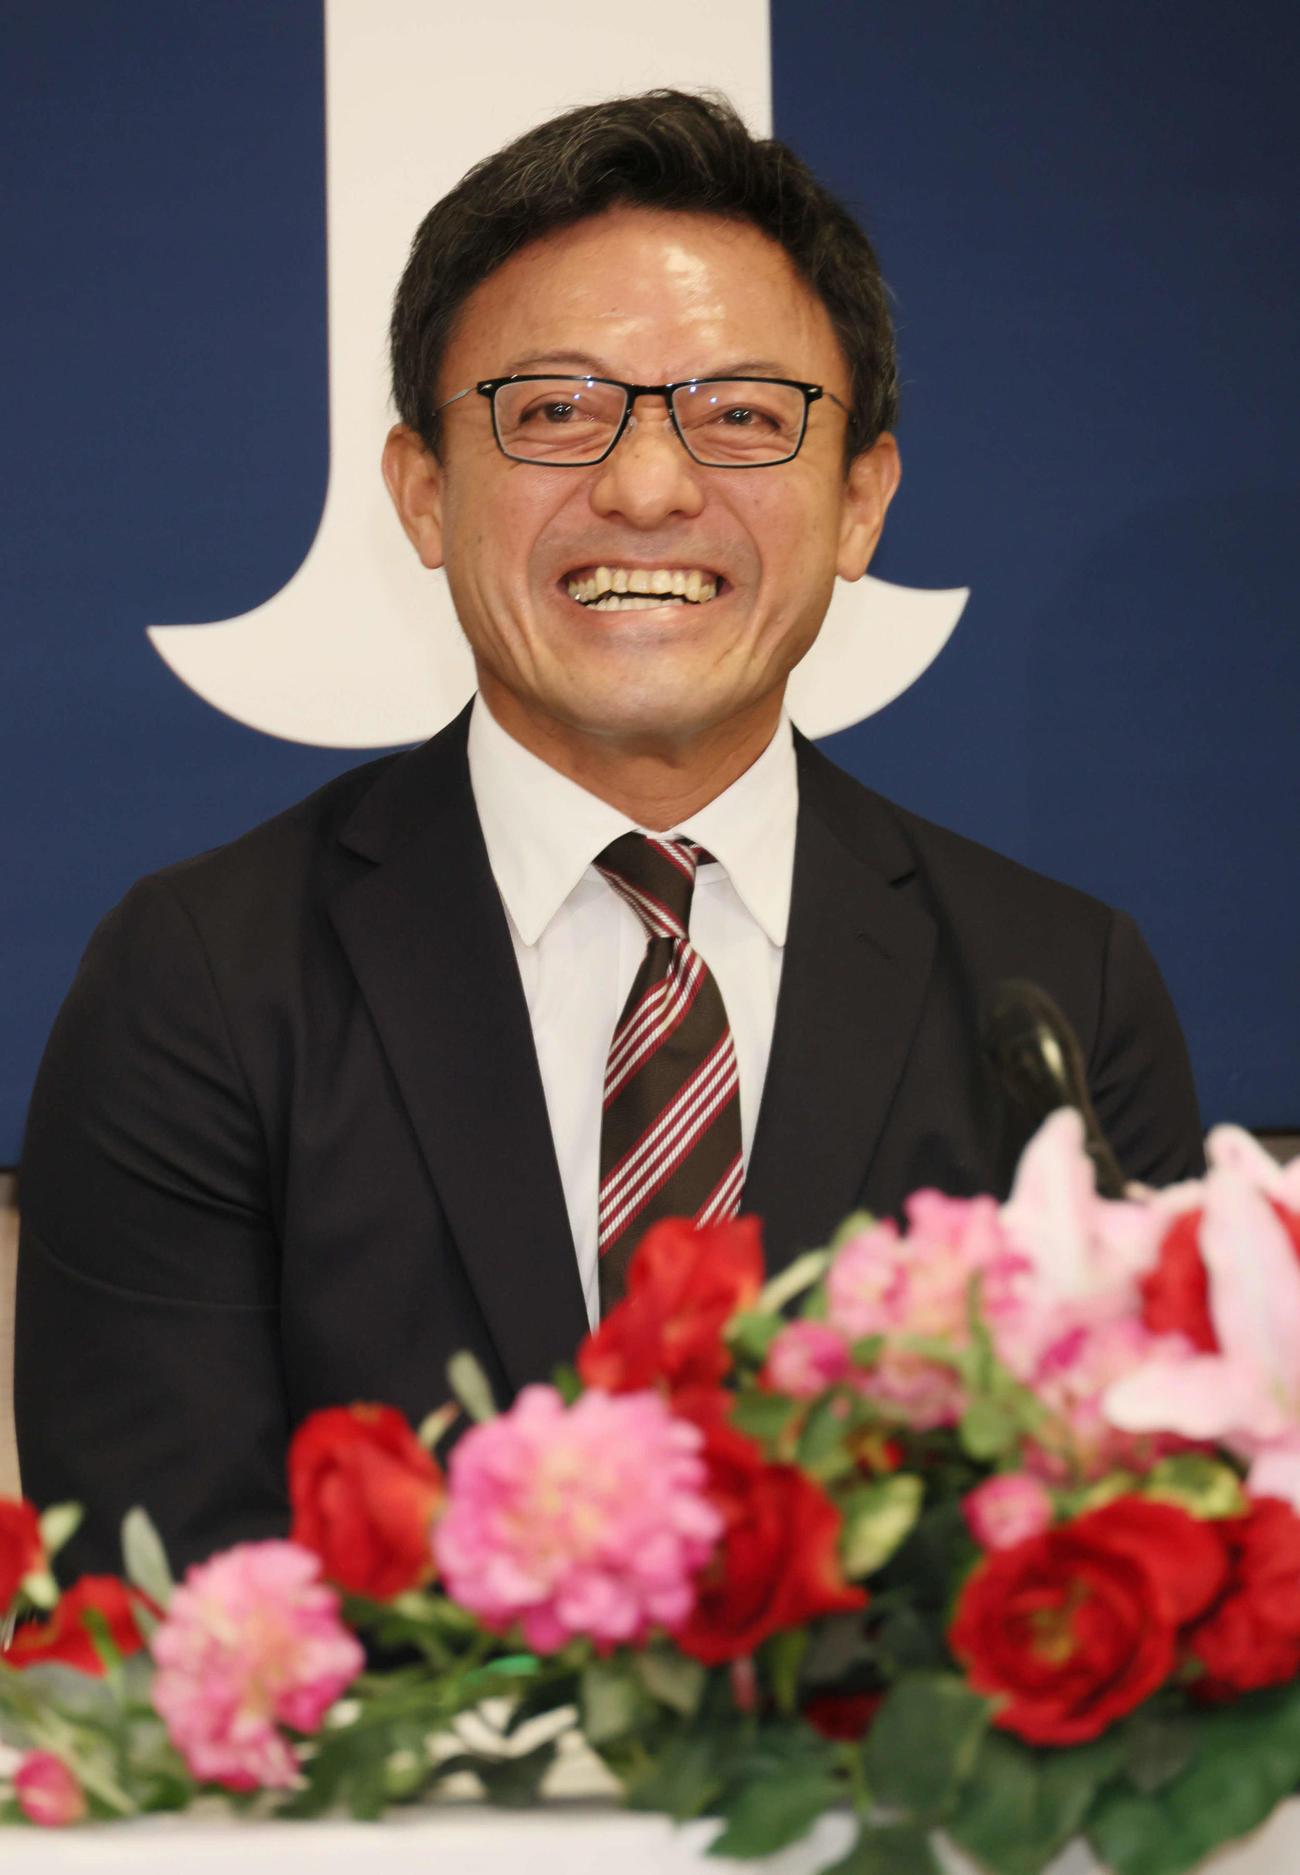 広島のヘッドコーチへの就任が決まり、会見する河田雄祐氏(撮影・加藤孝規)